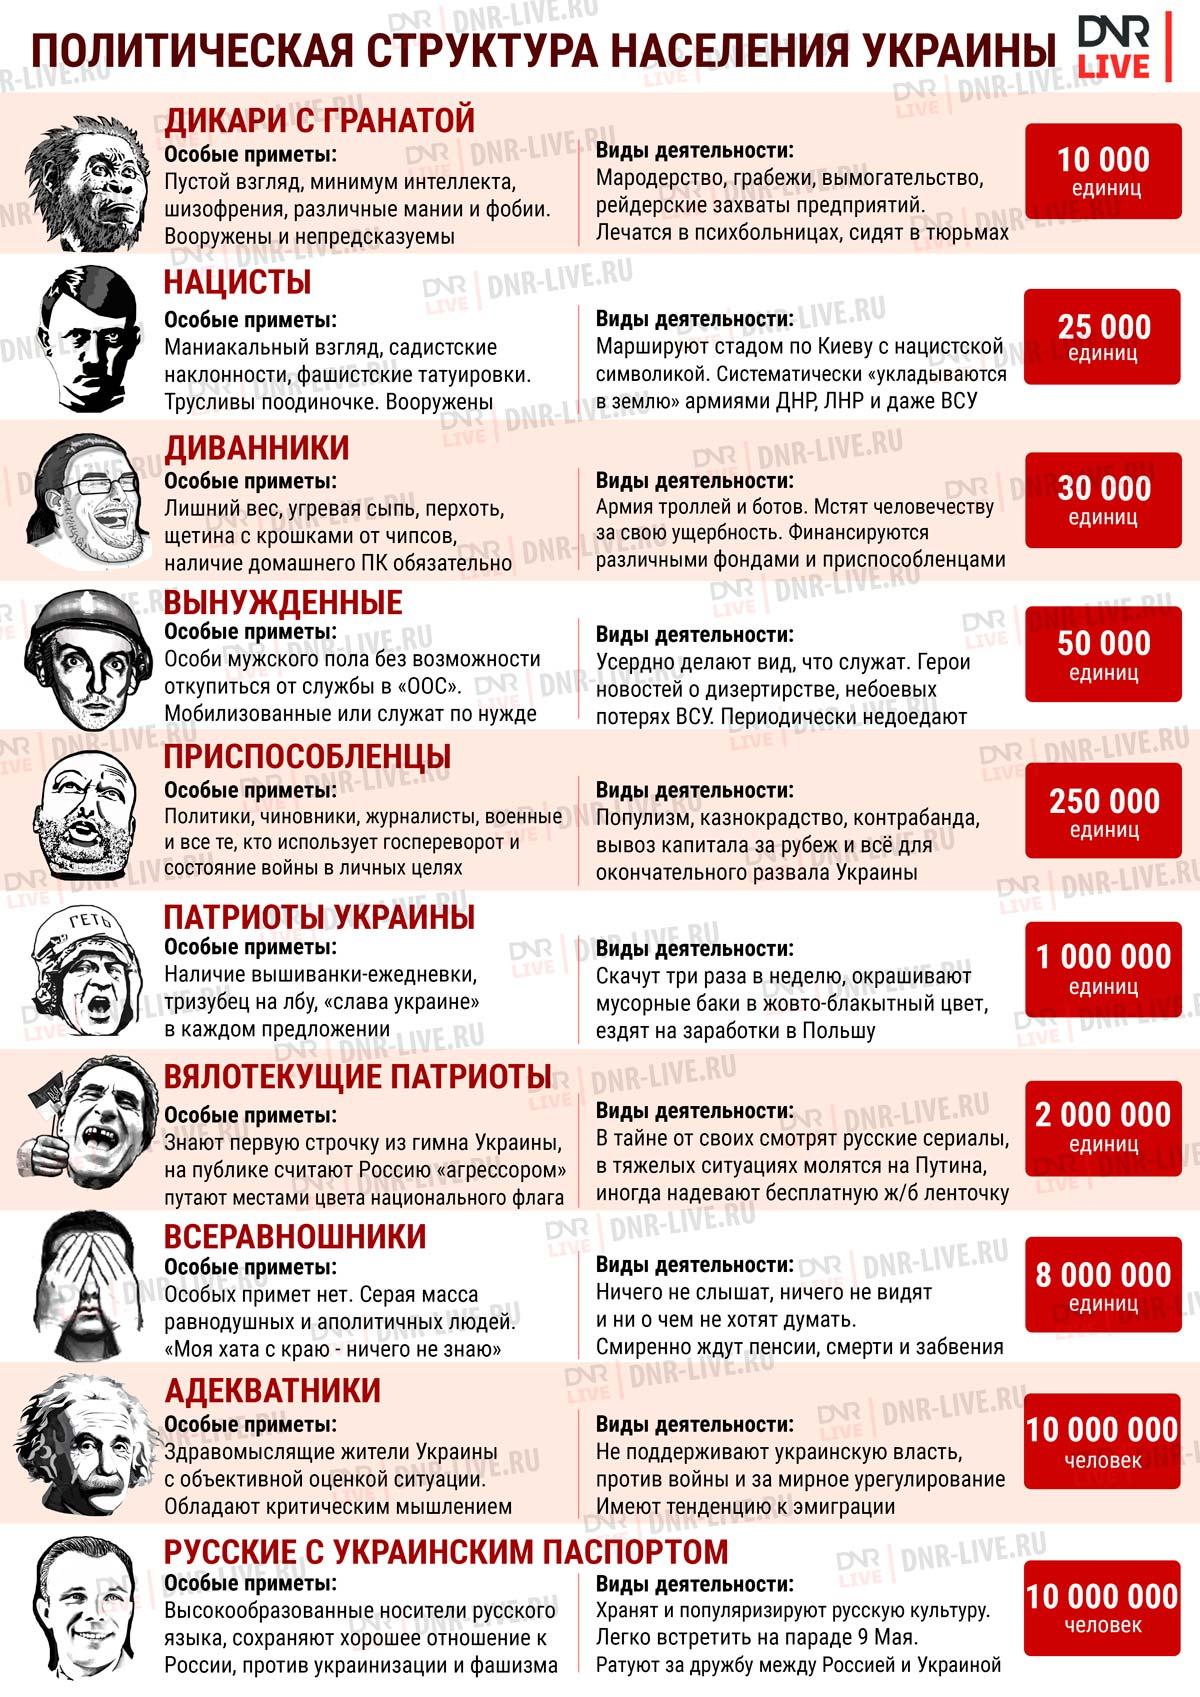 политическая структура населения украины - 1